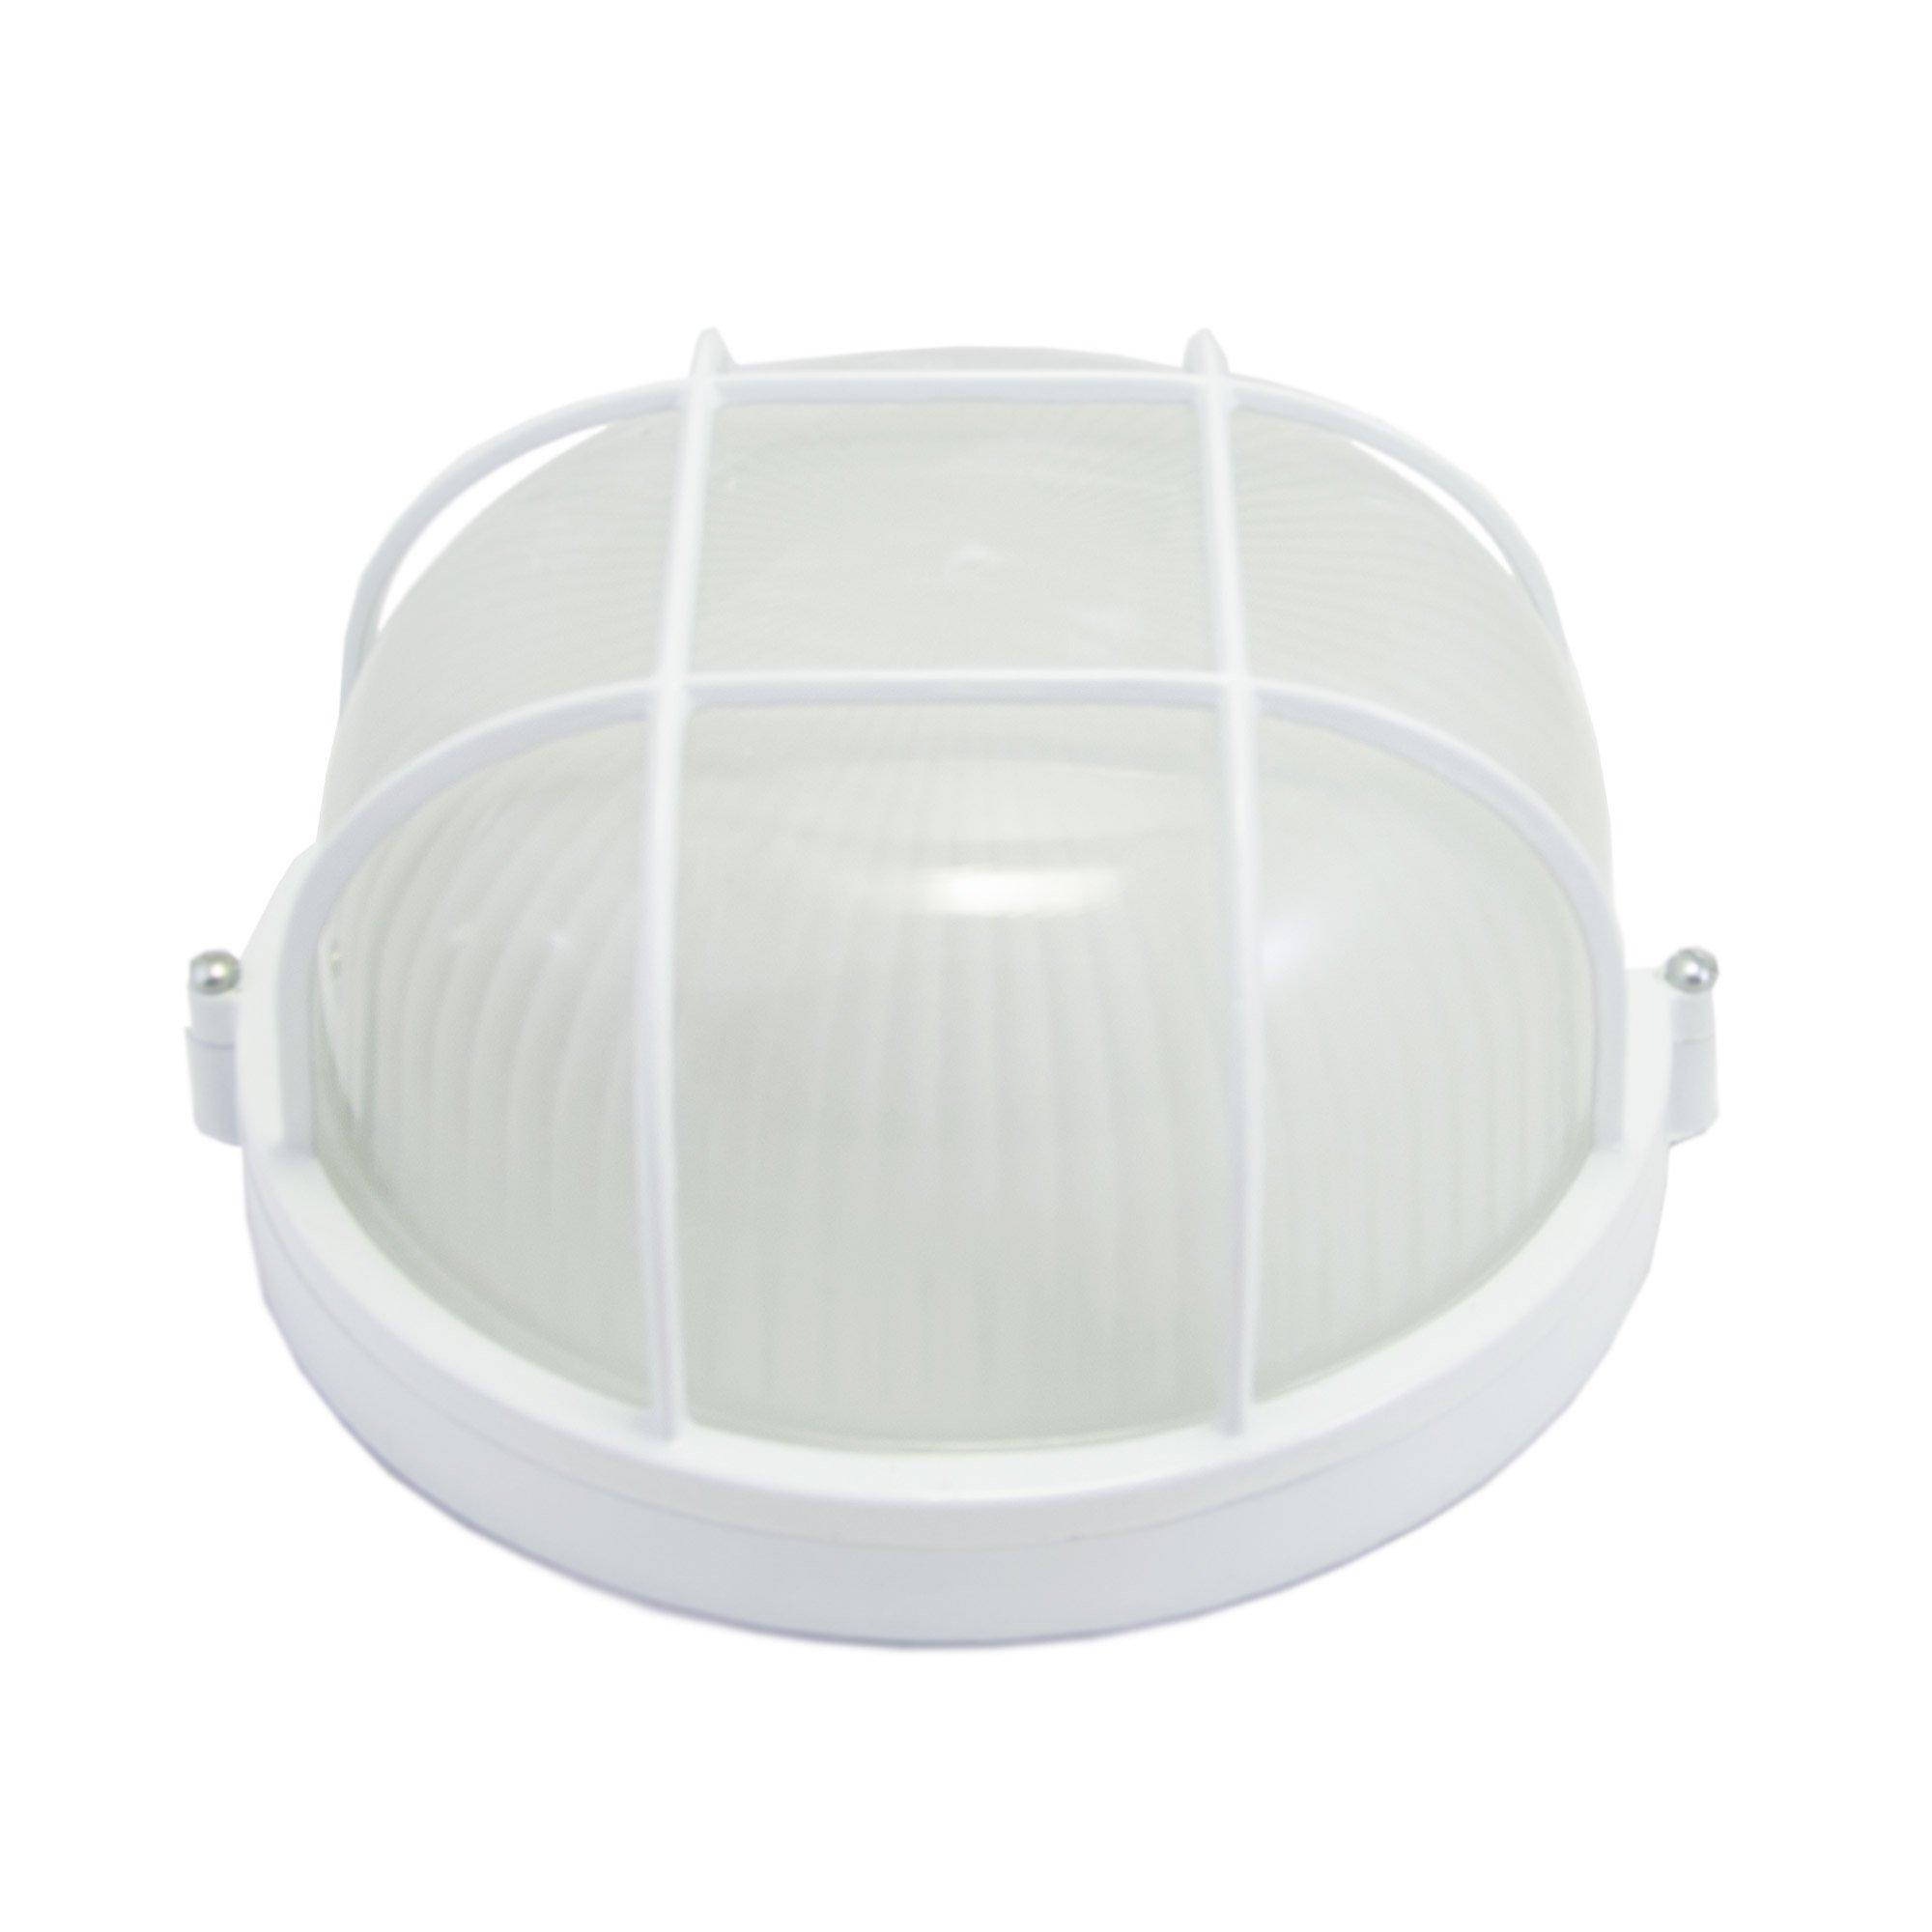 цена на Настенно-потолочный светильник APEYRON electrics 11-19 влагозащищенный, E27, 60 Вт